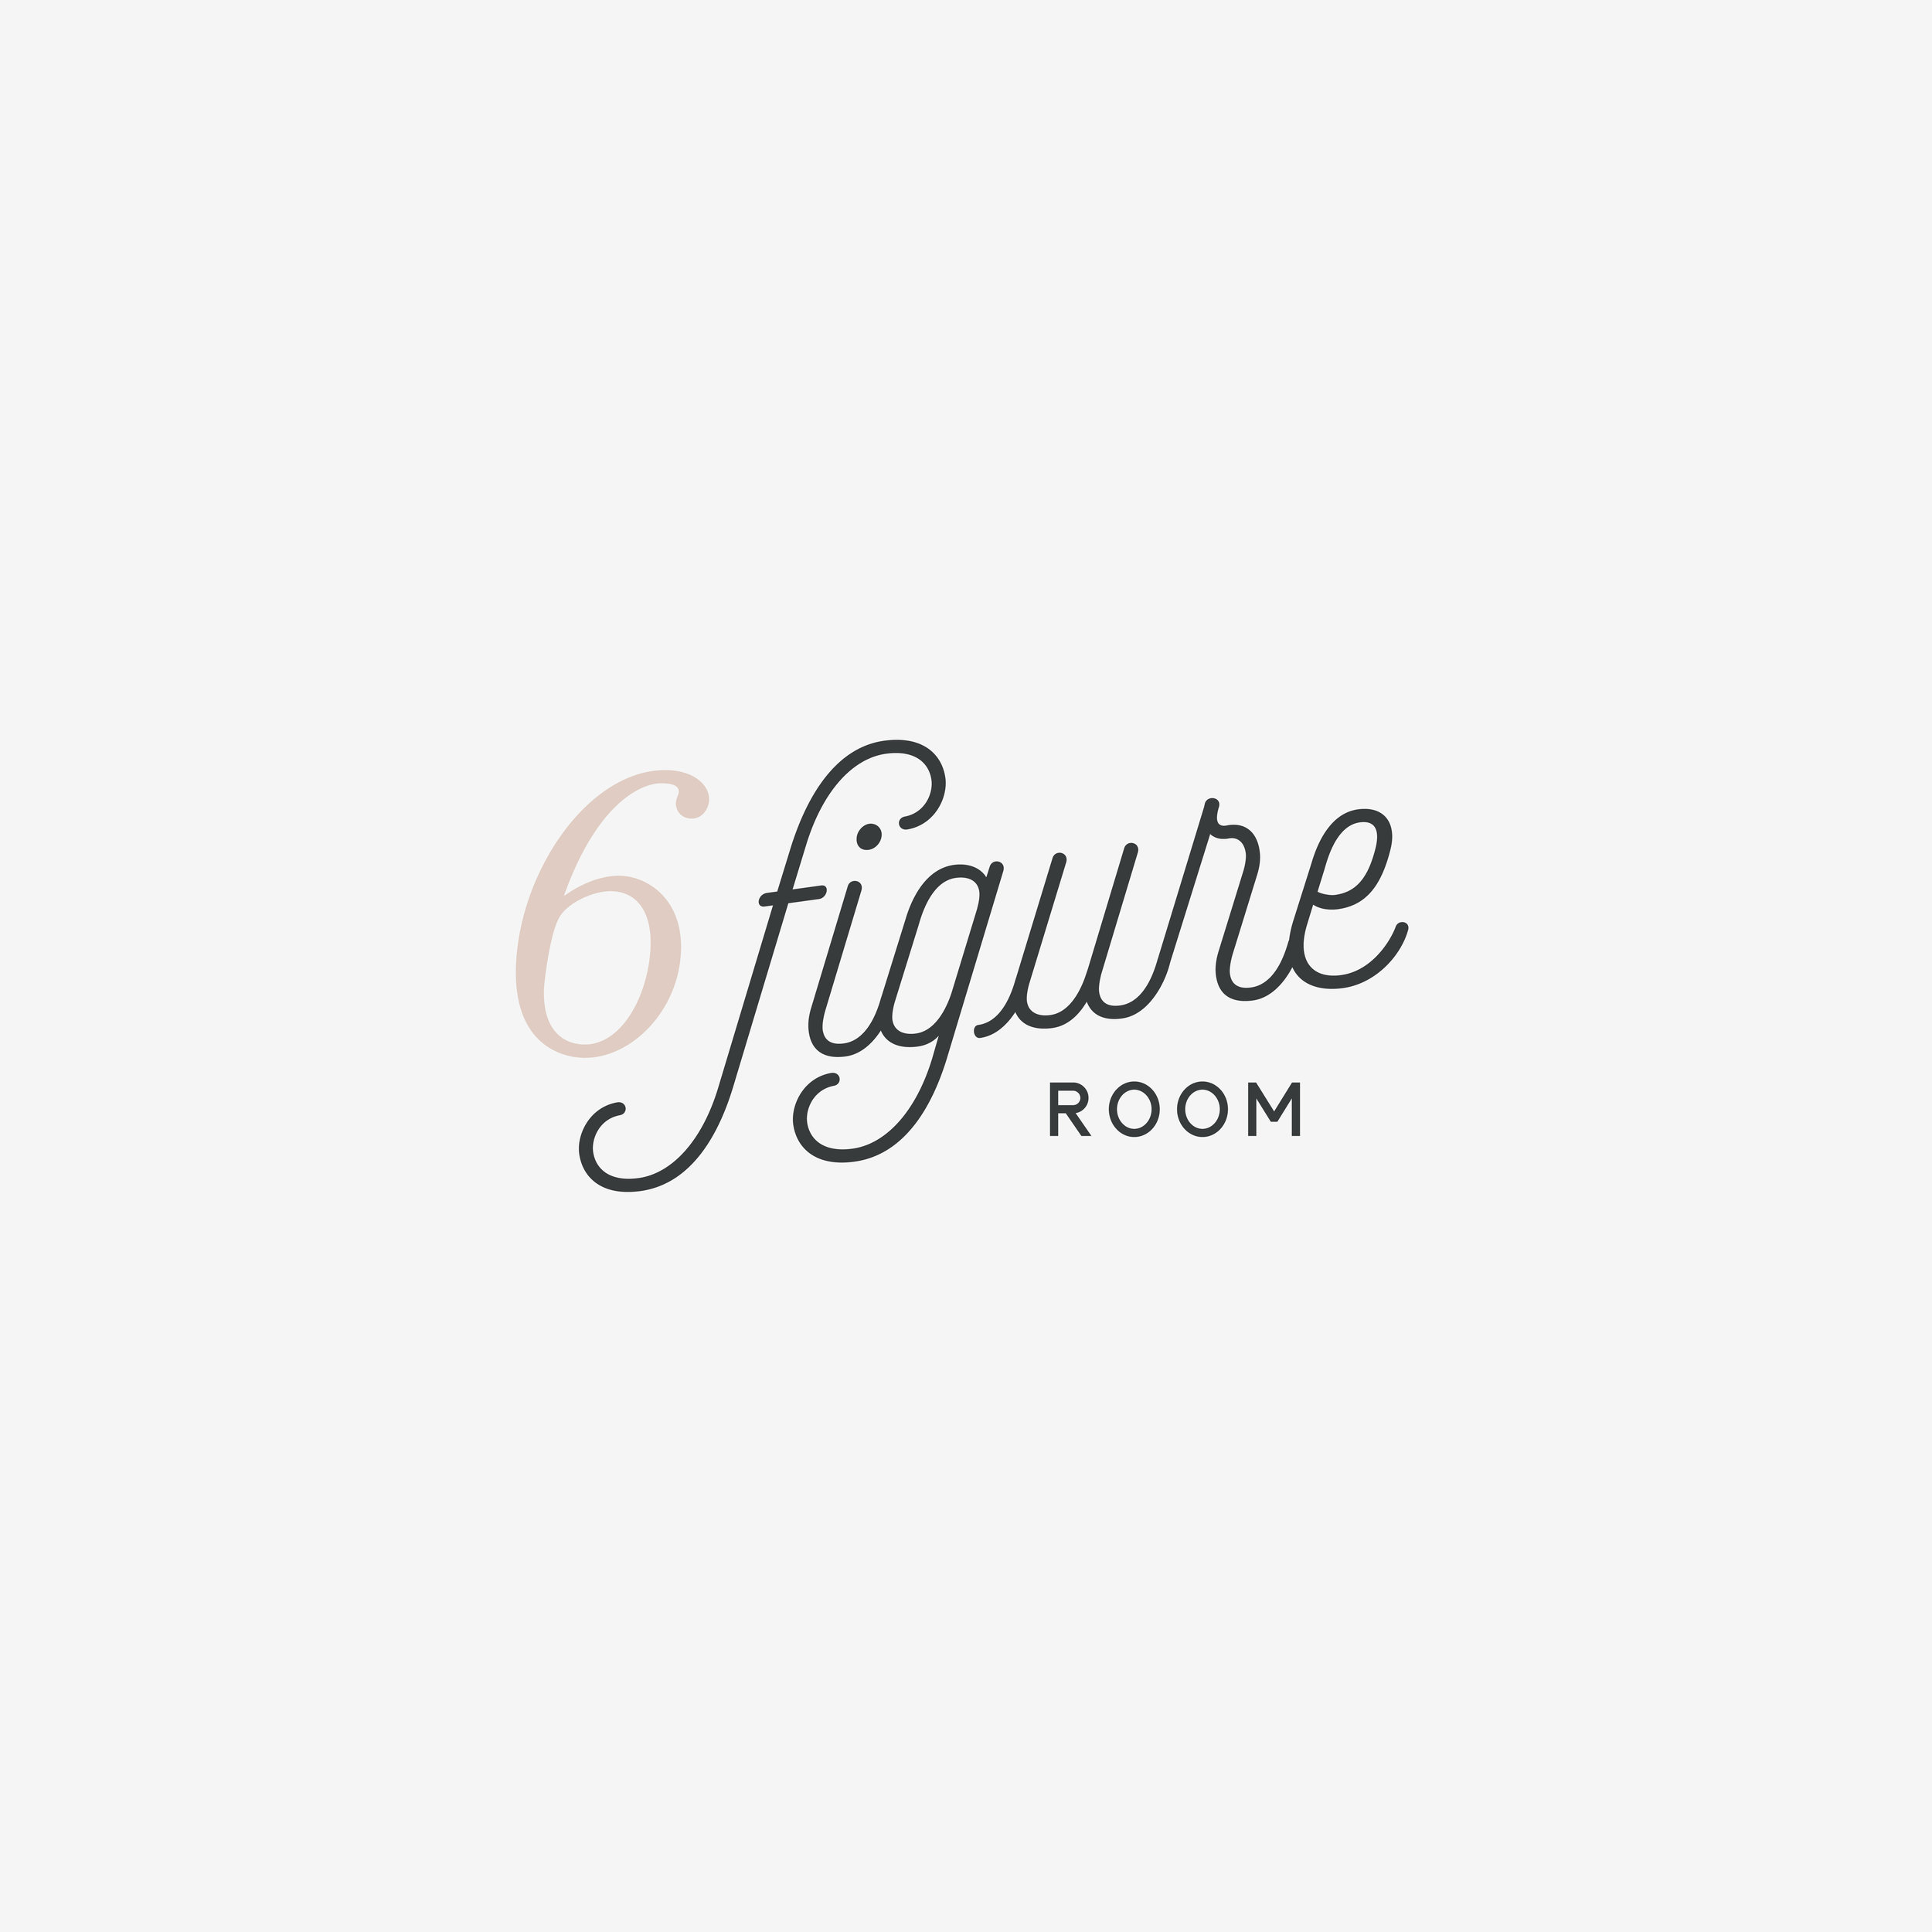 simple-beautiful-branding-37-37.jpg